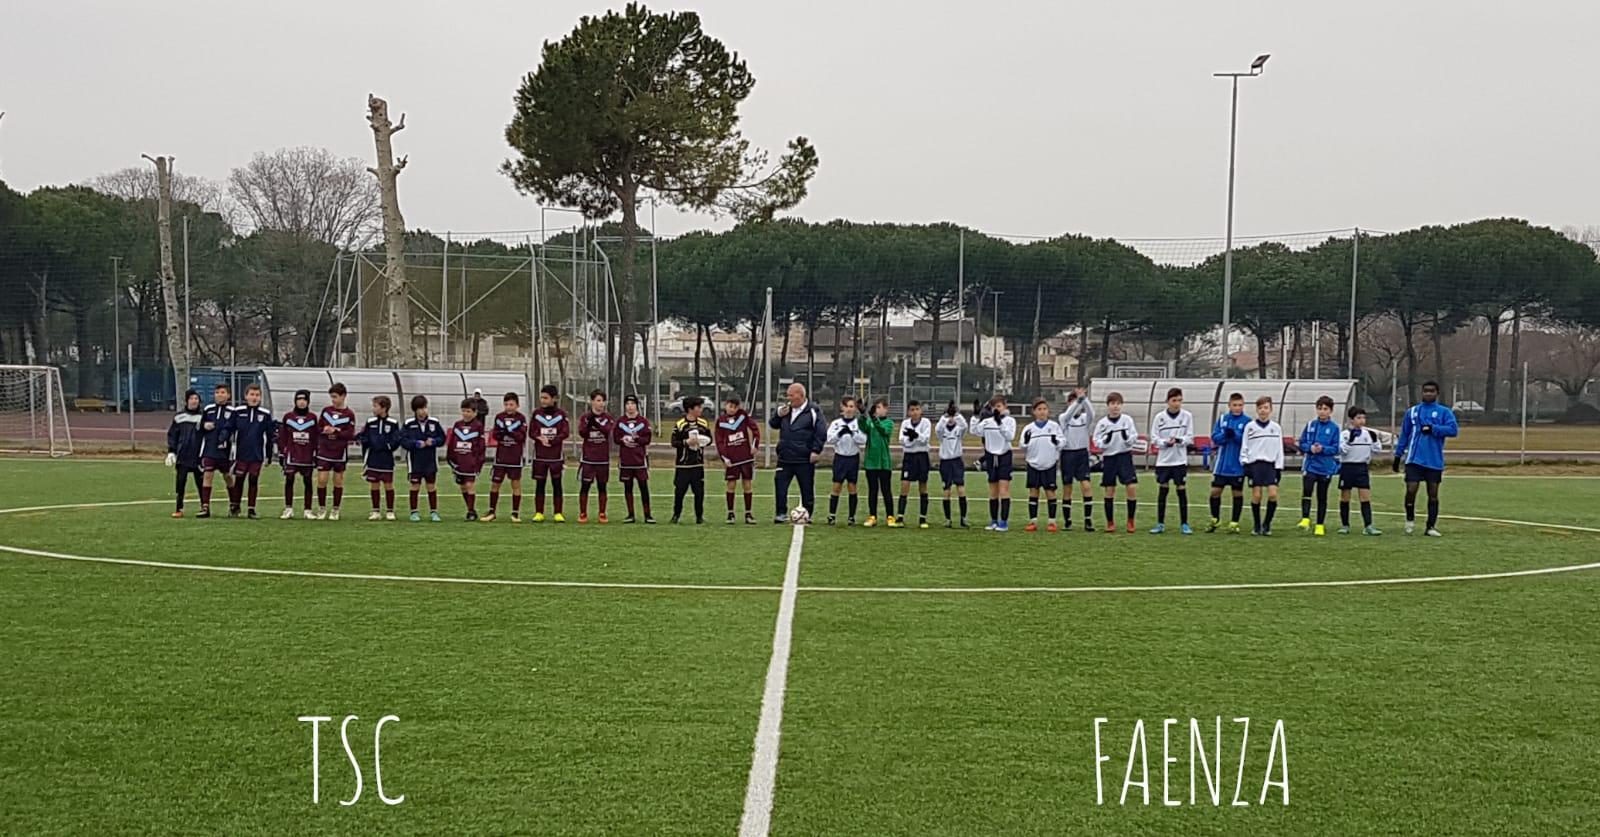 Gli Esordienti 2008 del Torresavio a Pinarella con il Faenza (grazie a Marco Sambruna).